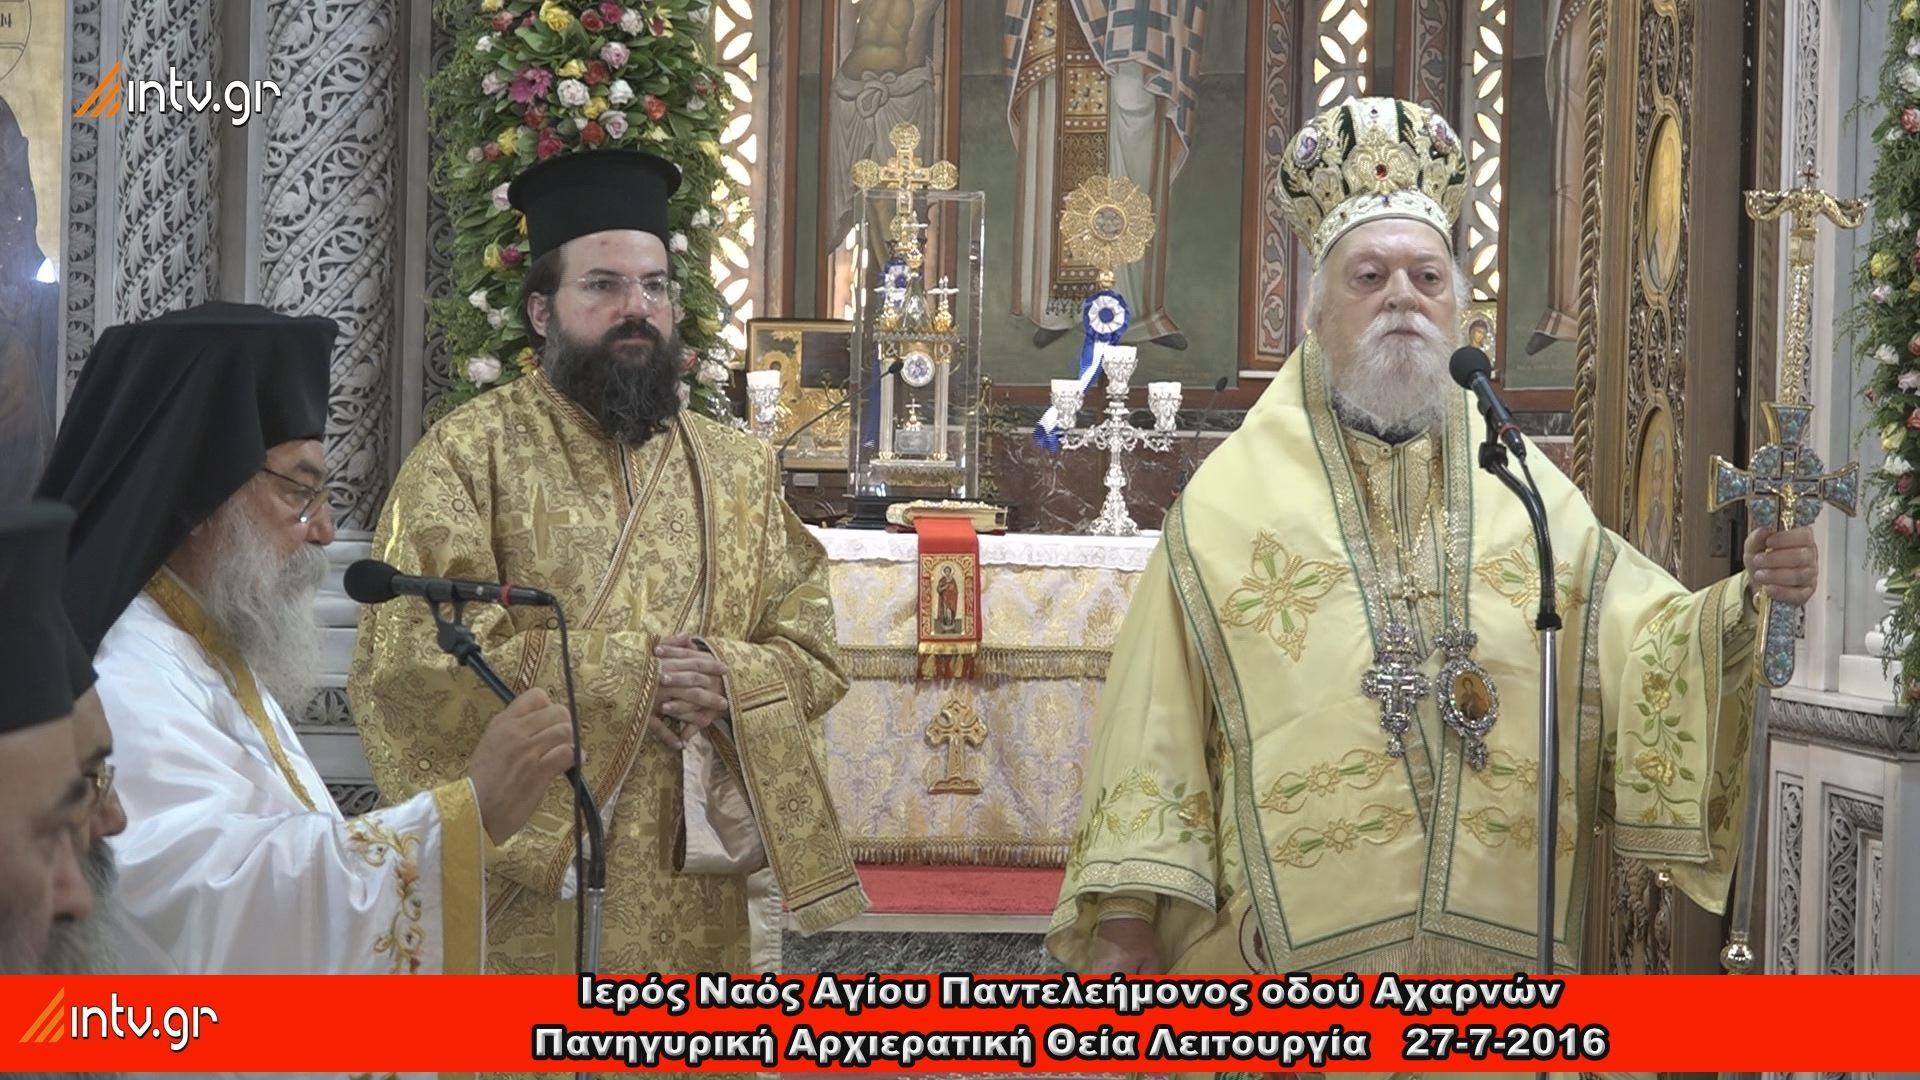 Ιερός Ναός Αγίου Παντελεήμονος Αχαρνών - Πανηγυρική Αρχιερατική Θεία Λειτουργία,